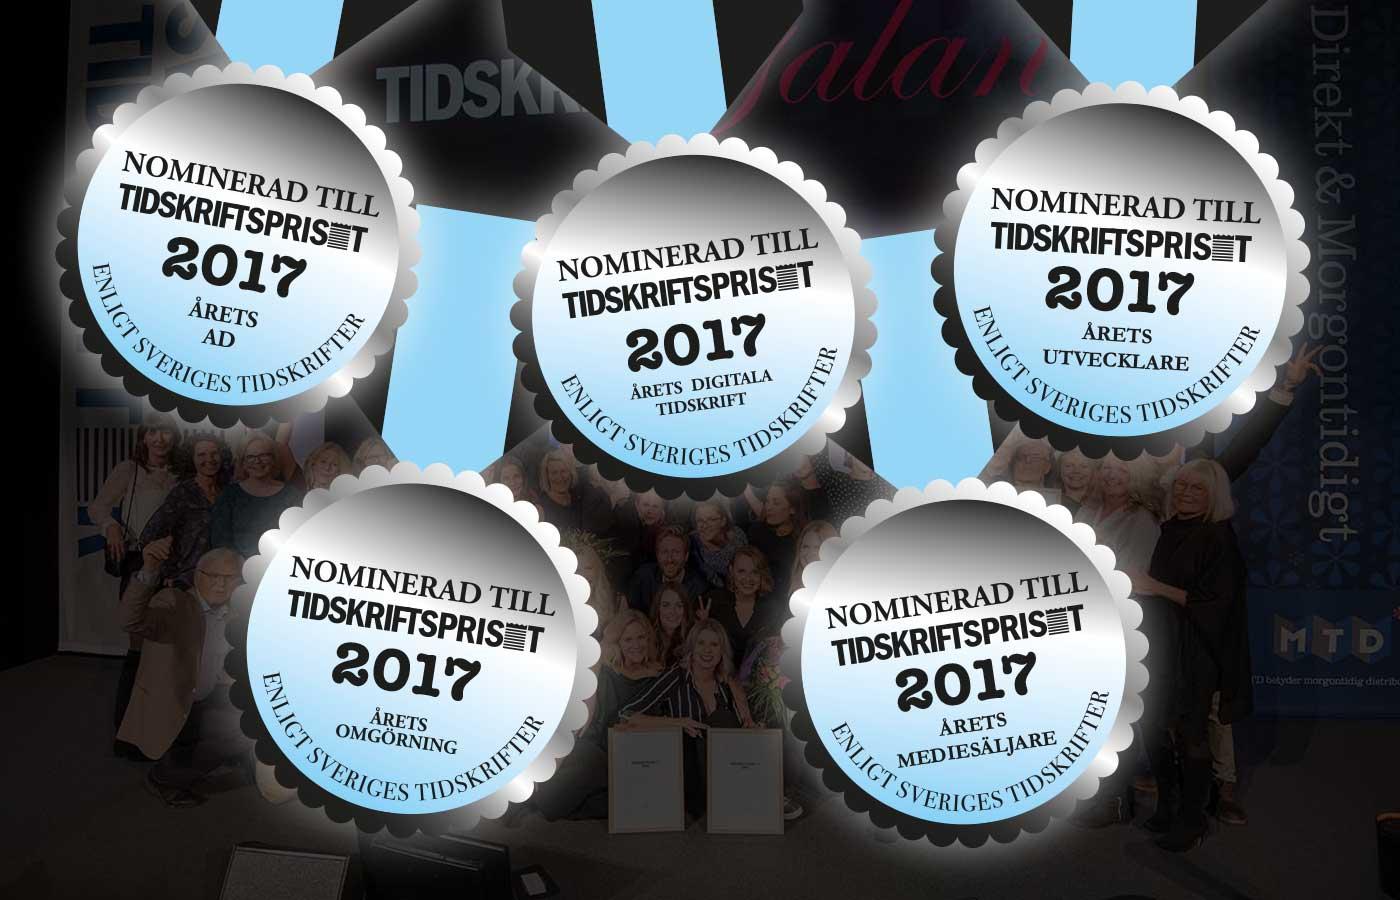 Första omgången nominerade till Tidskriftspriset 2017